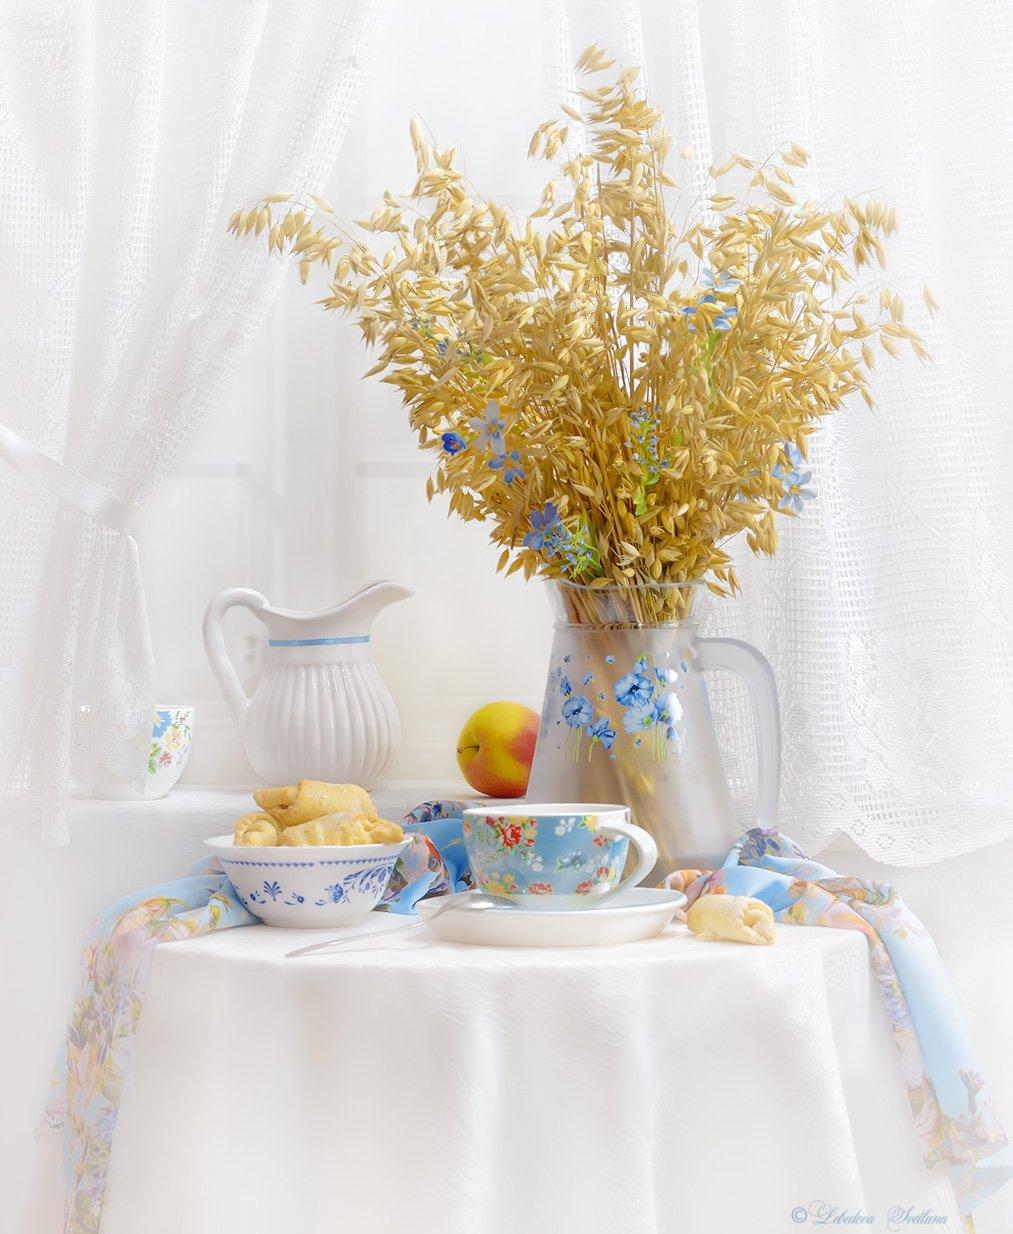 овёс,яблоко,чаепитие,печенье, Лебедева Светлана